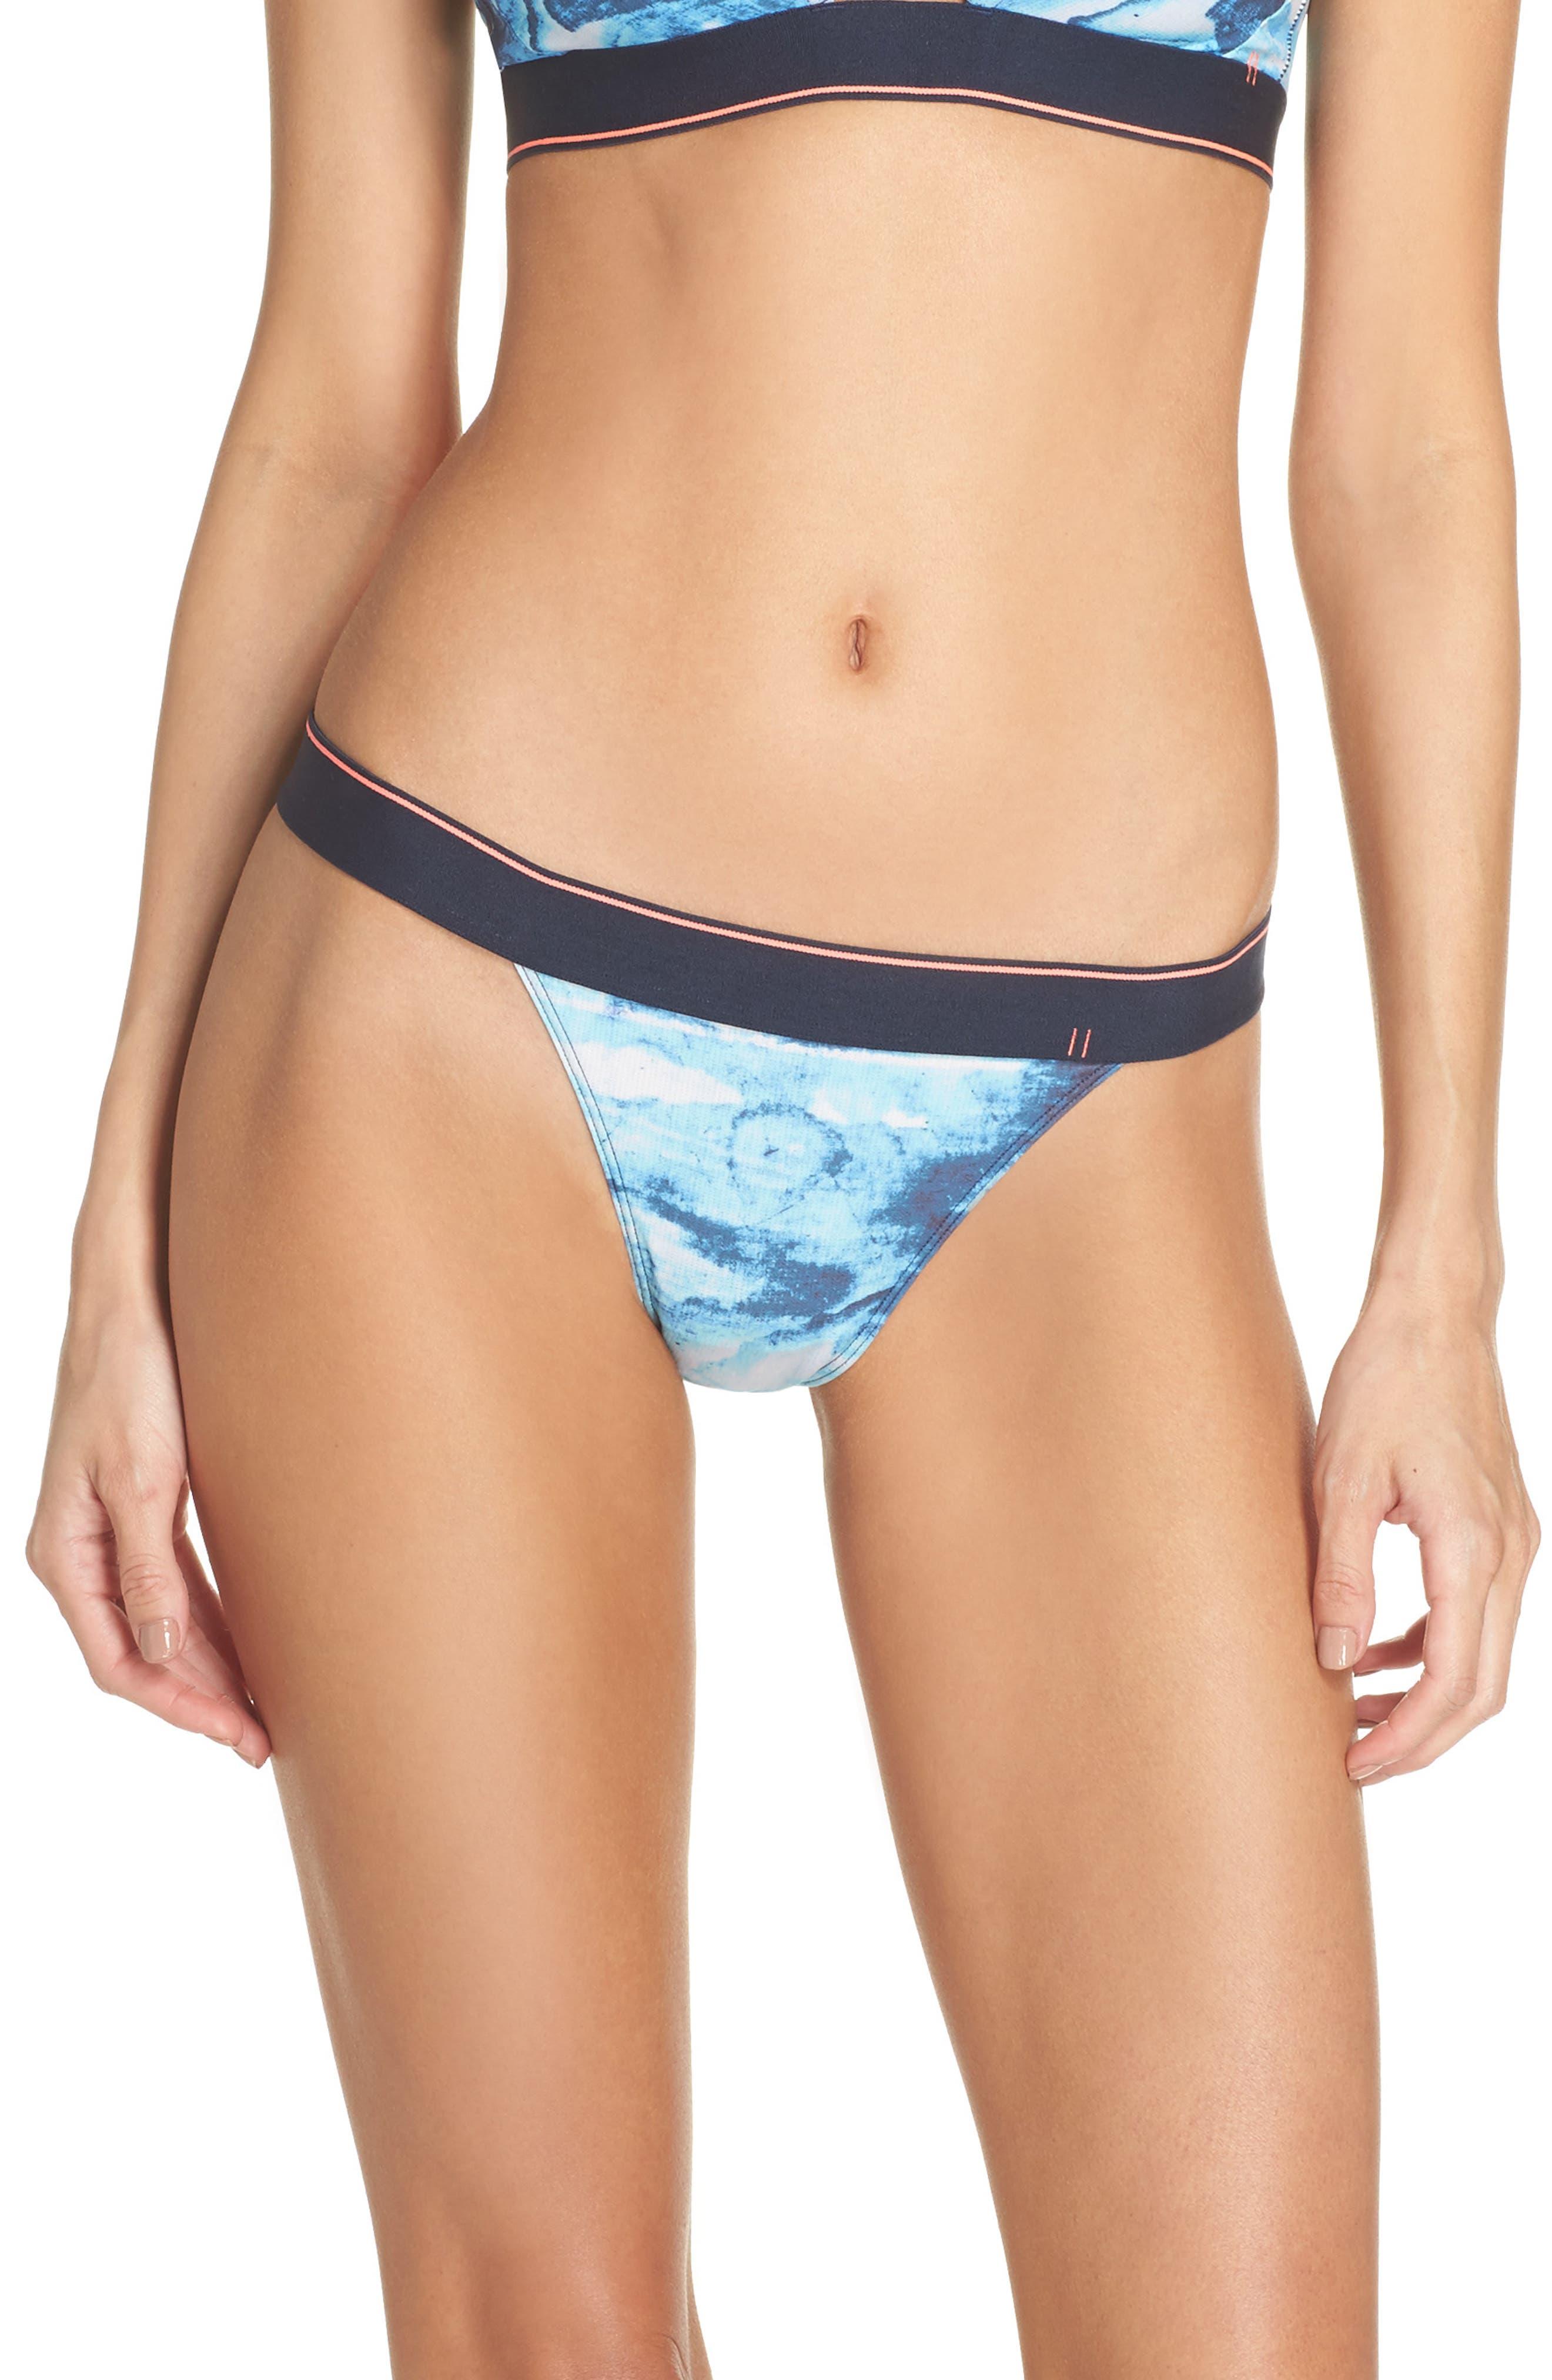 Tropic Storm Bikini,                             Main thumbnail 1, color,                             410